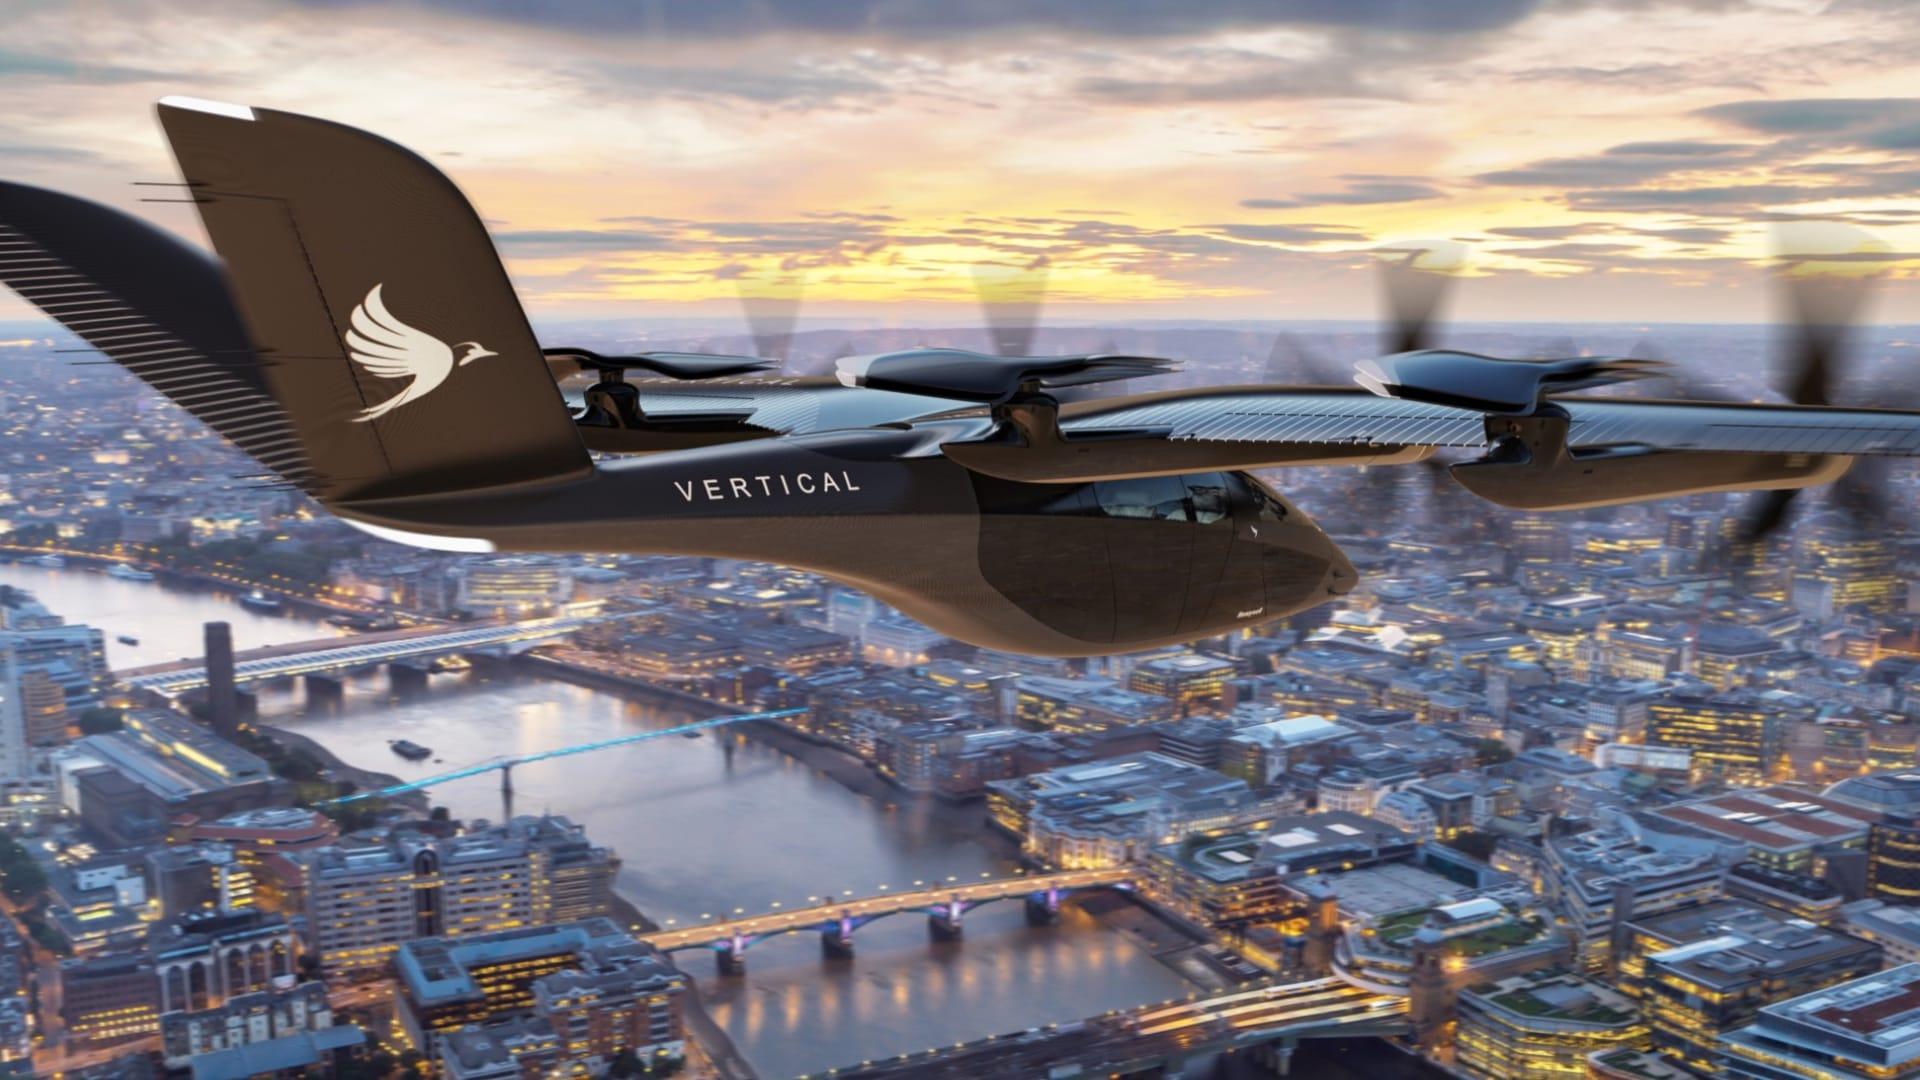 شاهد كيف يمكن لهذه المركبة الطائرة أن تغير وسائل النقل